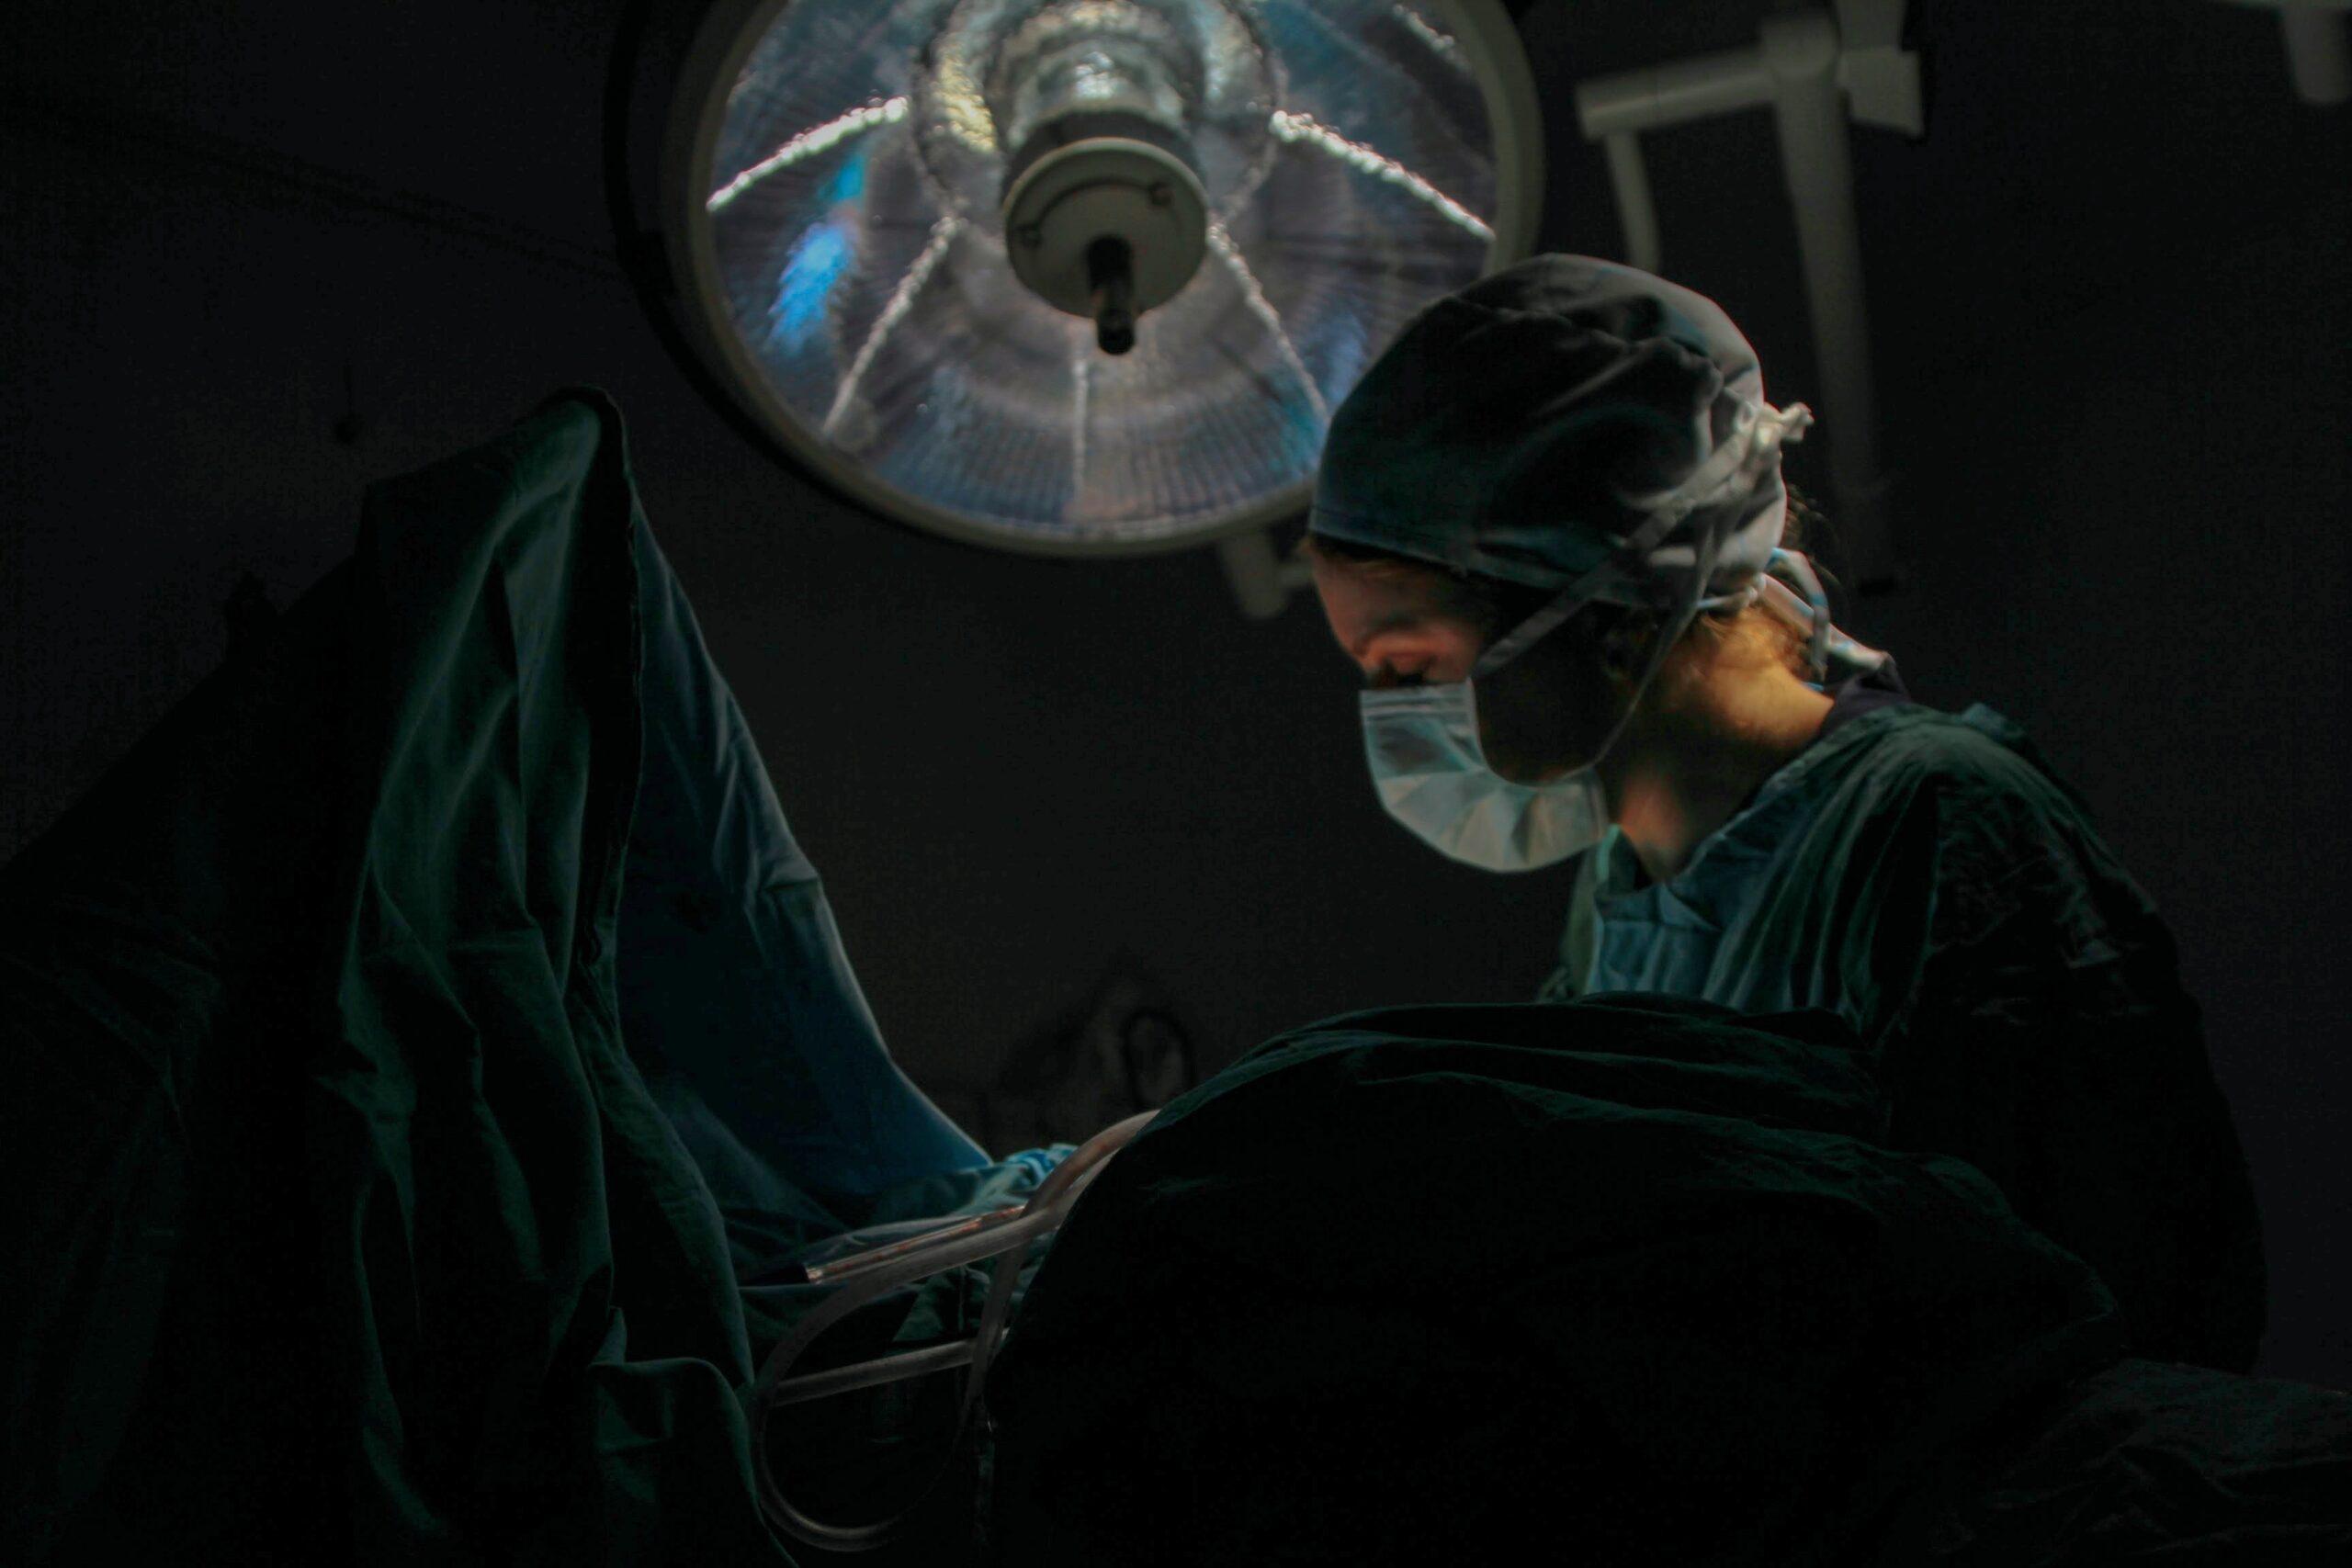 Za błędy odpowiada szpital oraz jego zakład ubezpieczeń